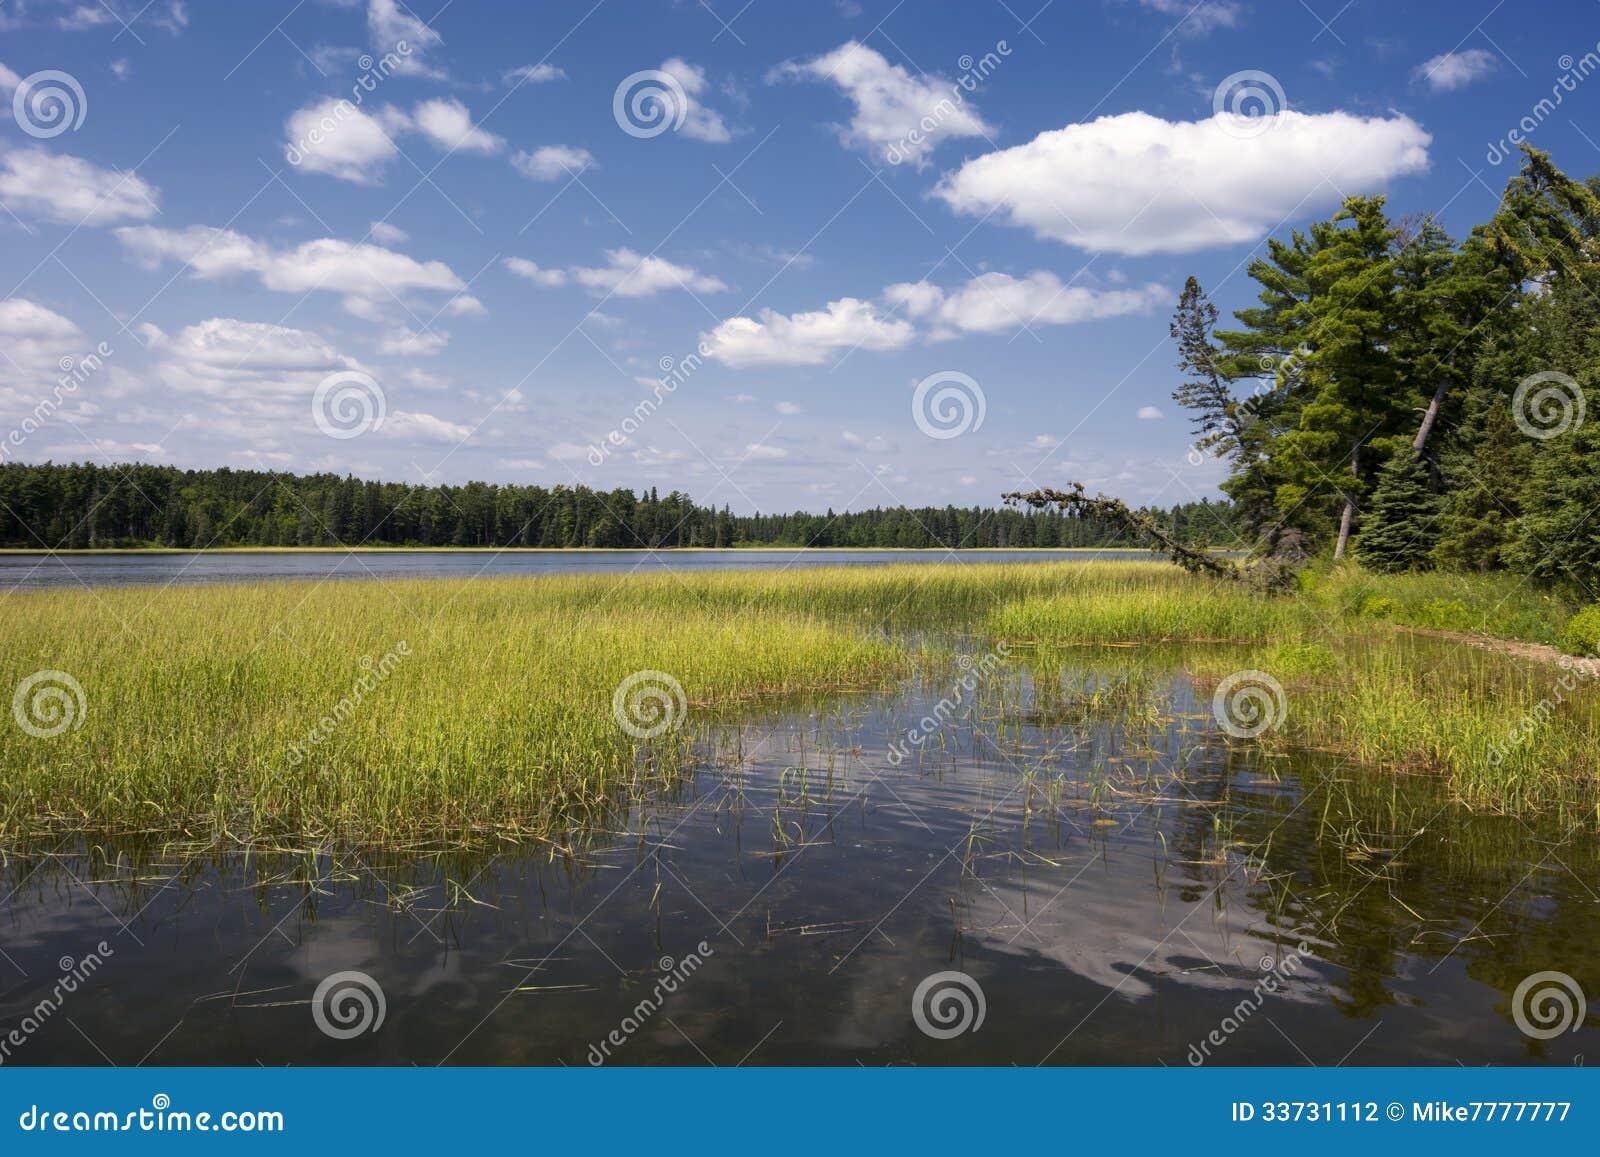 Озеро Itasca, северная Минесота, США.